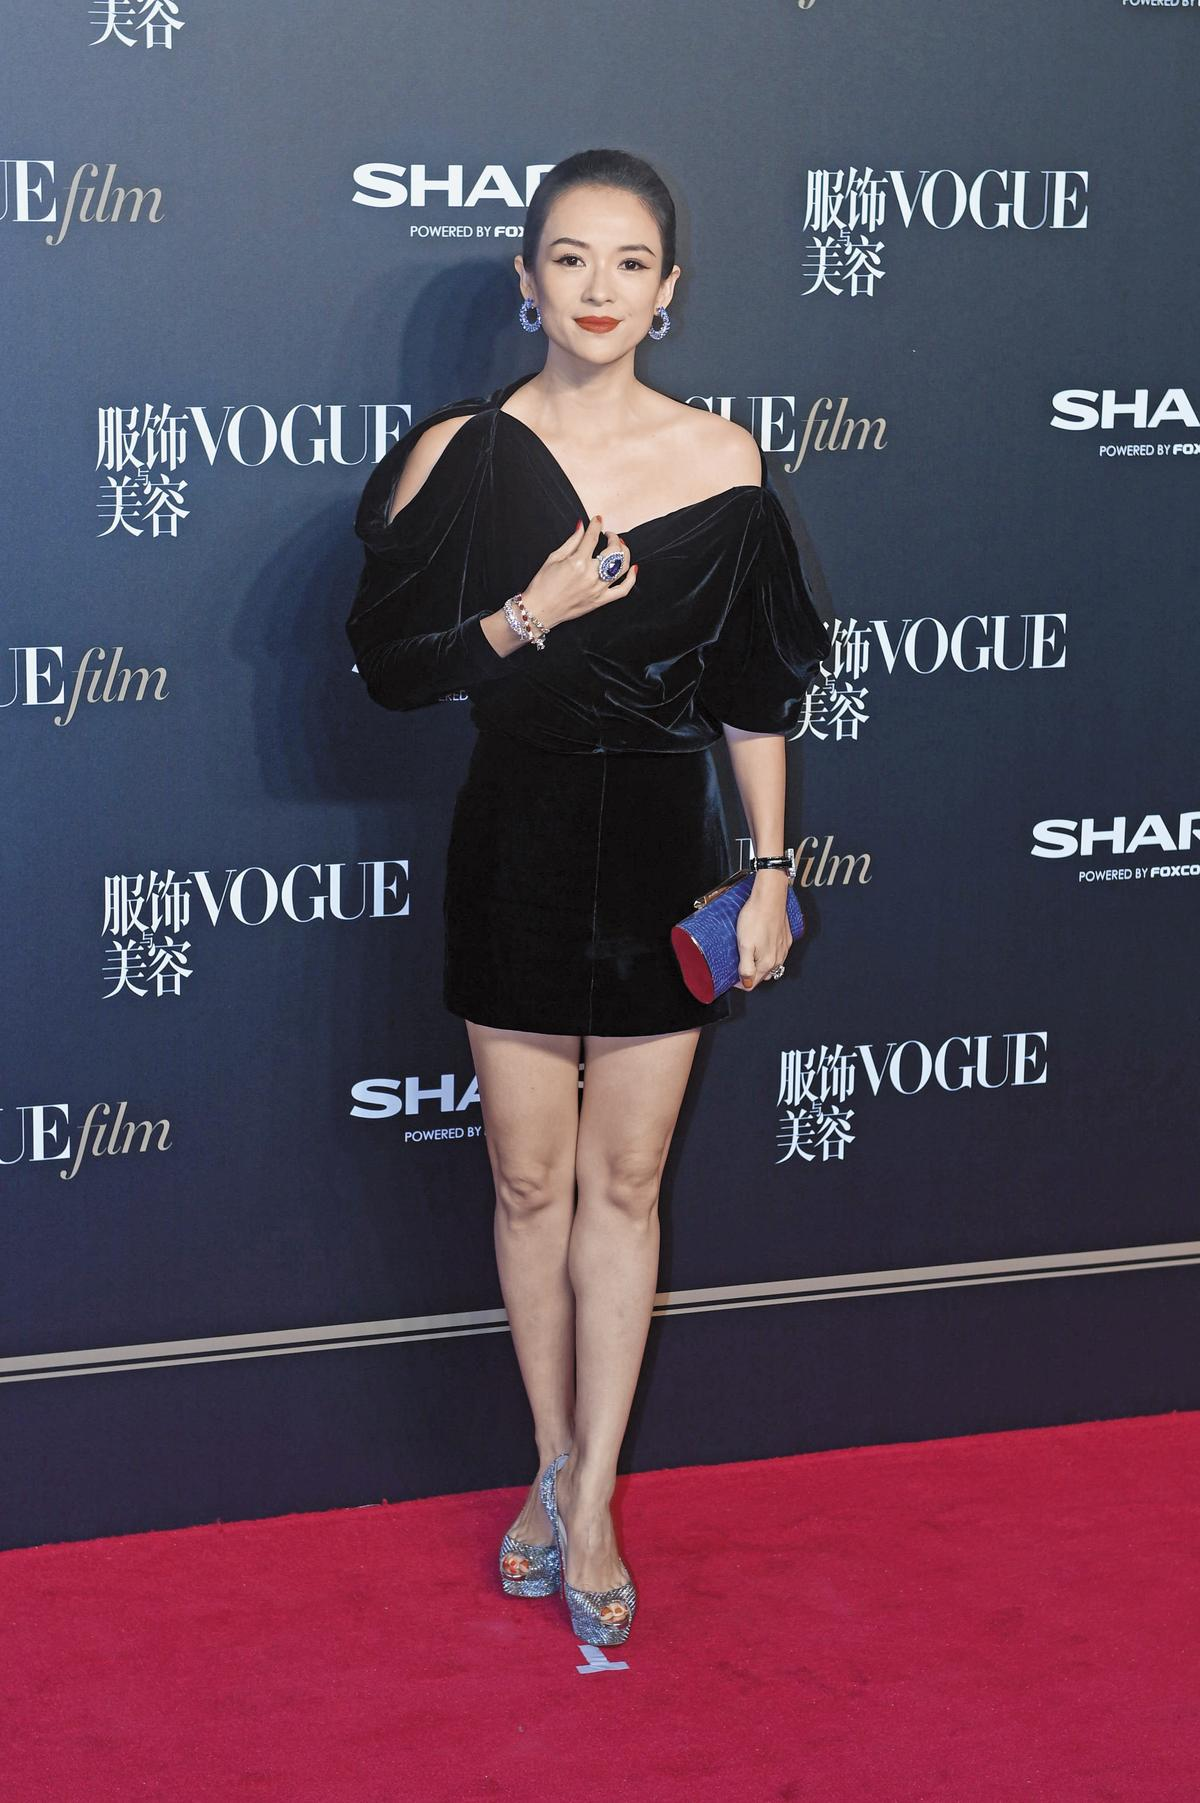 出席首映派對、又是跟時尚的《VOGUE》有關,穿著一身黑雖保守卻準不會出錯!章子怡華服穿盡,這回以Tom Ford 2017秋冬系列現身,絲絨材質讓她顯得雍容華貴。(東方IC)